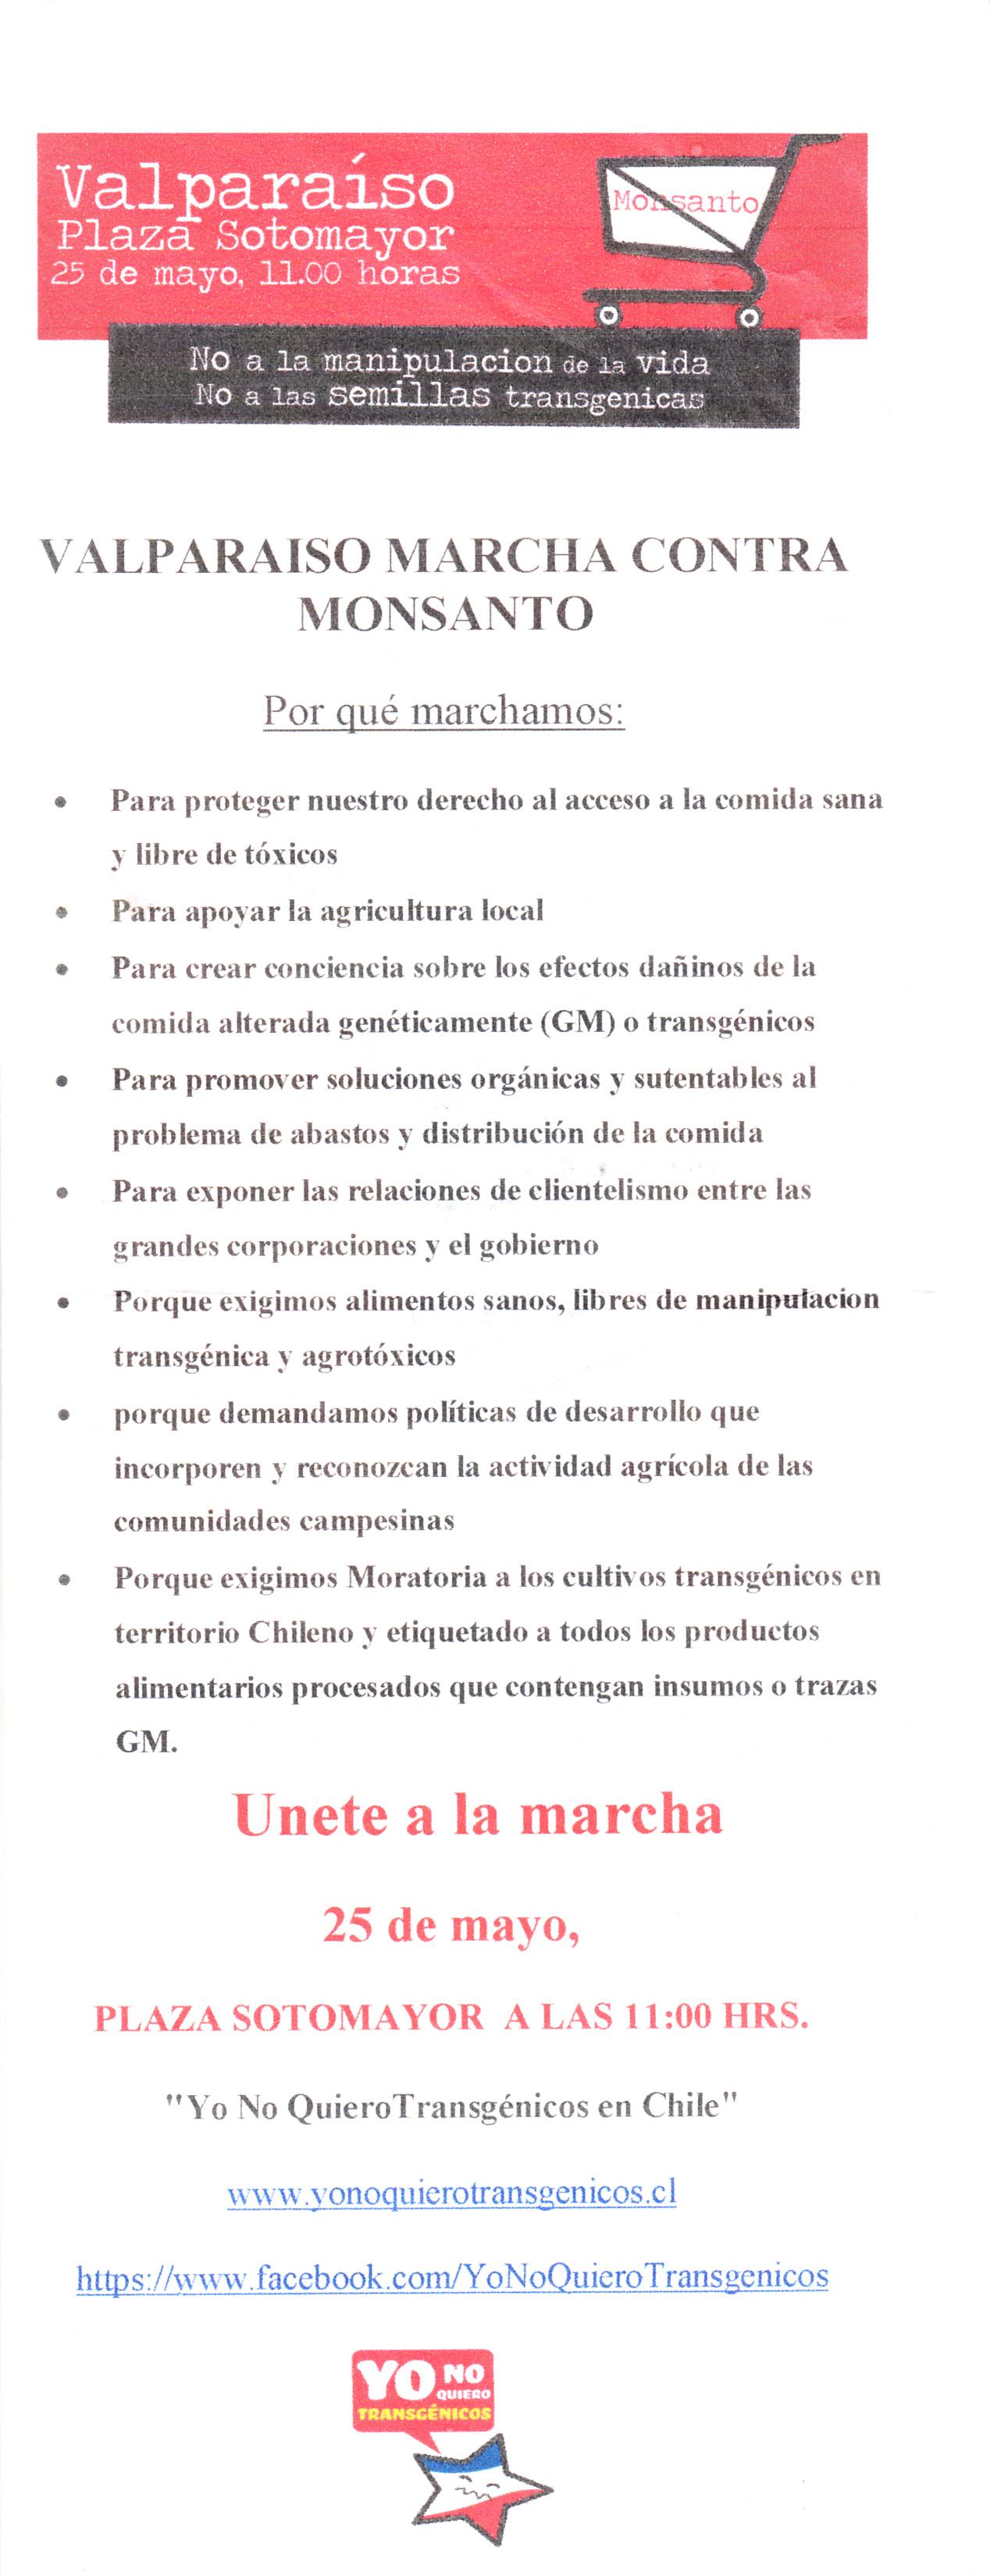 transgenicos_chile_0002